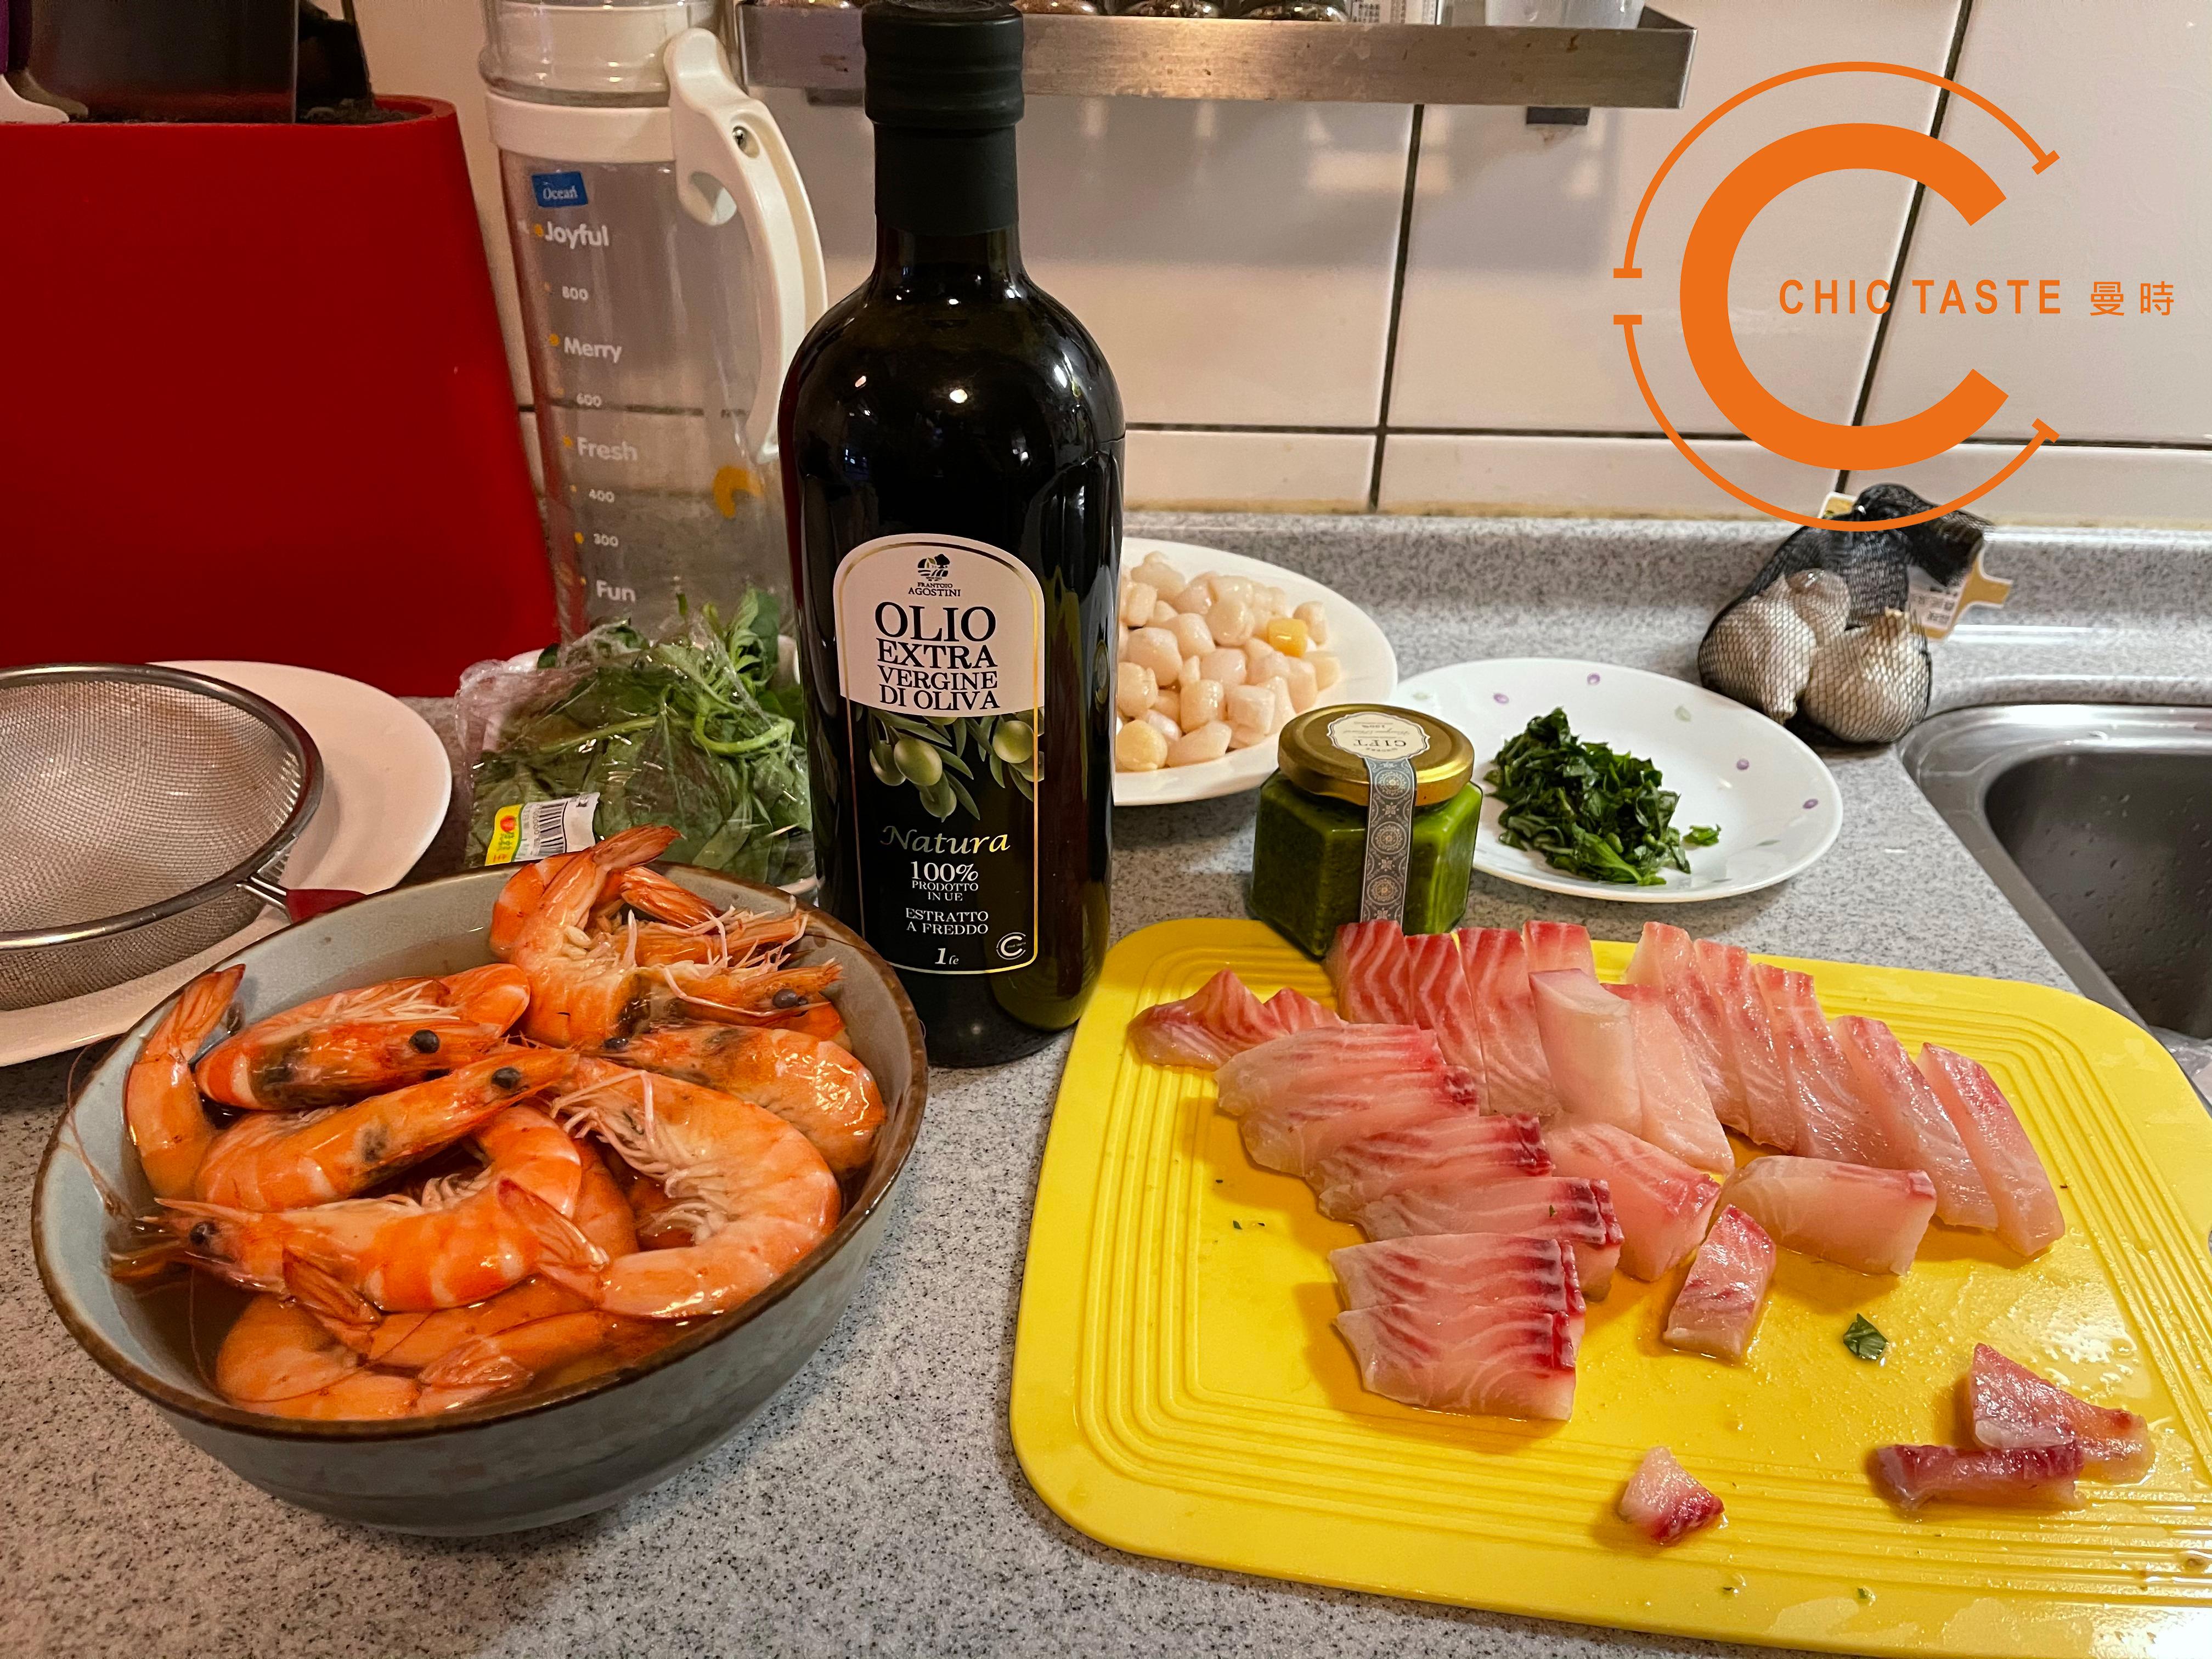 曼時創意食譜-青醬葵菇海鮮燉飯1.jpg